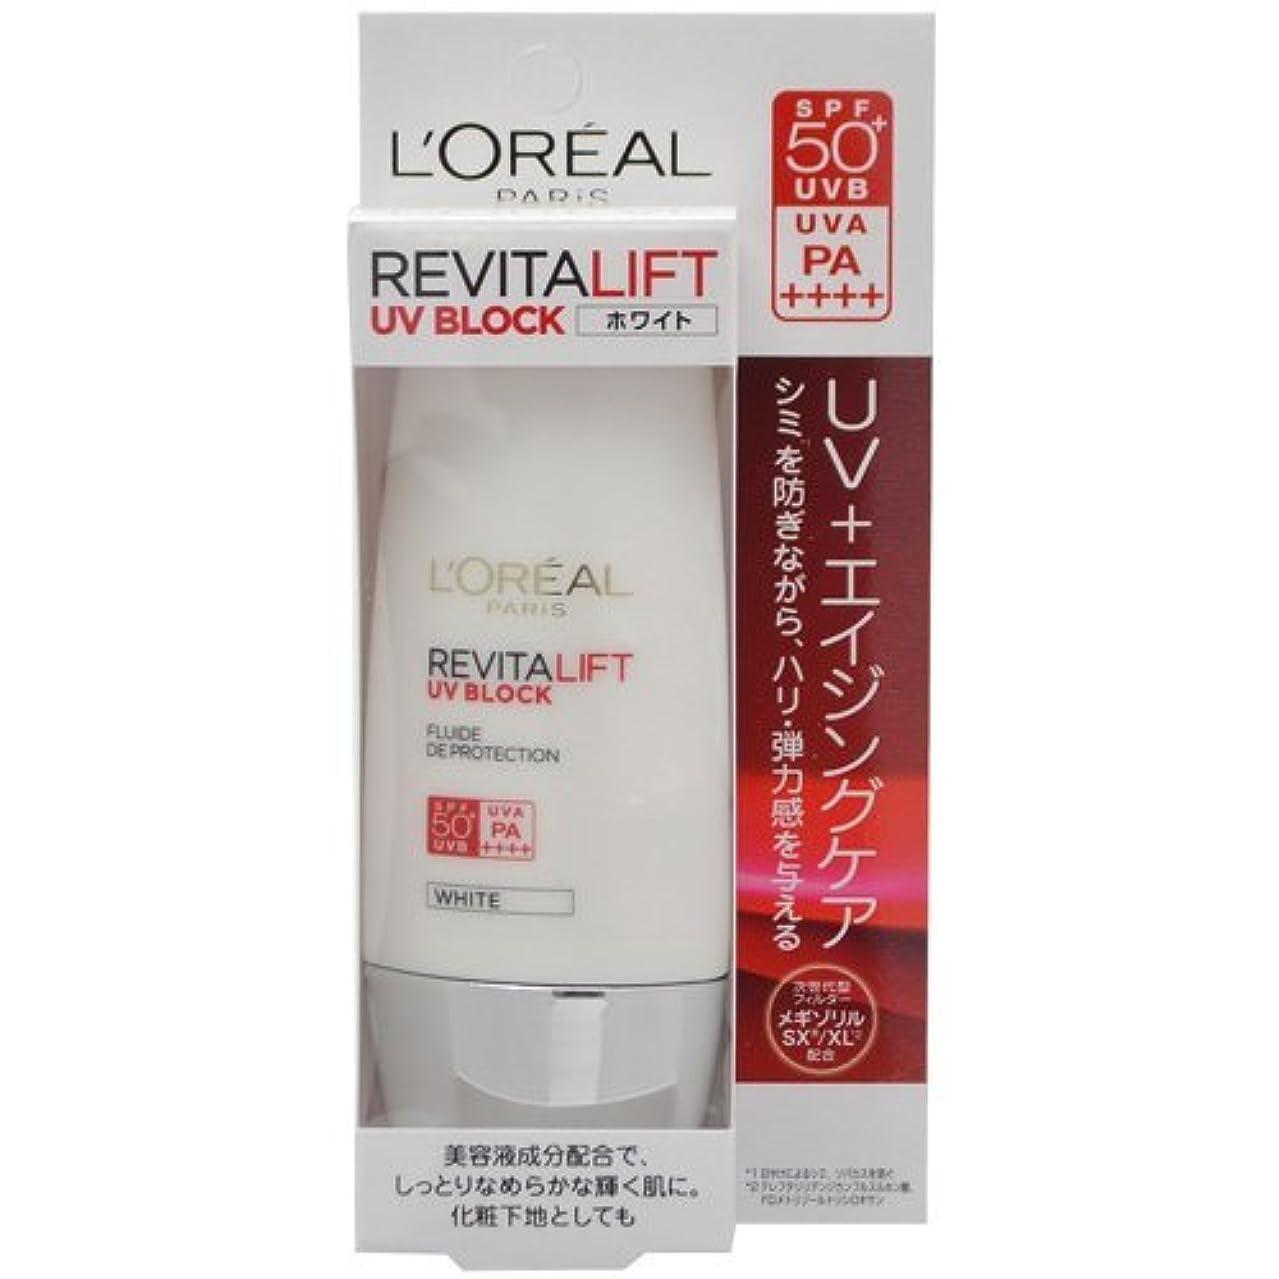 物思いにふける集まる味方ロレアル パリ リバイタルリフト UV ブロック ホワイト 日やけ止め乳液 メイクアップベース (30g) SPF50+ PA++++